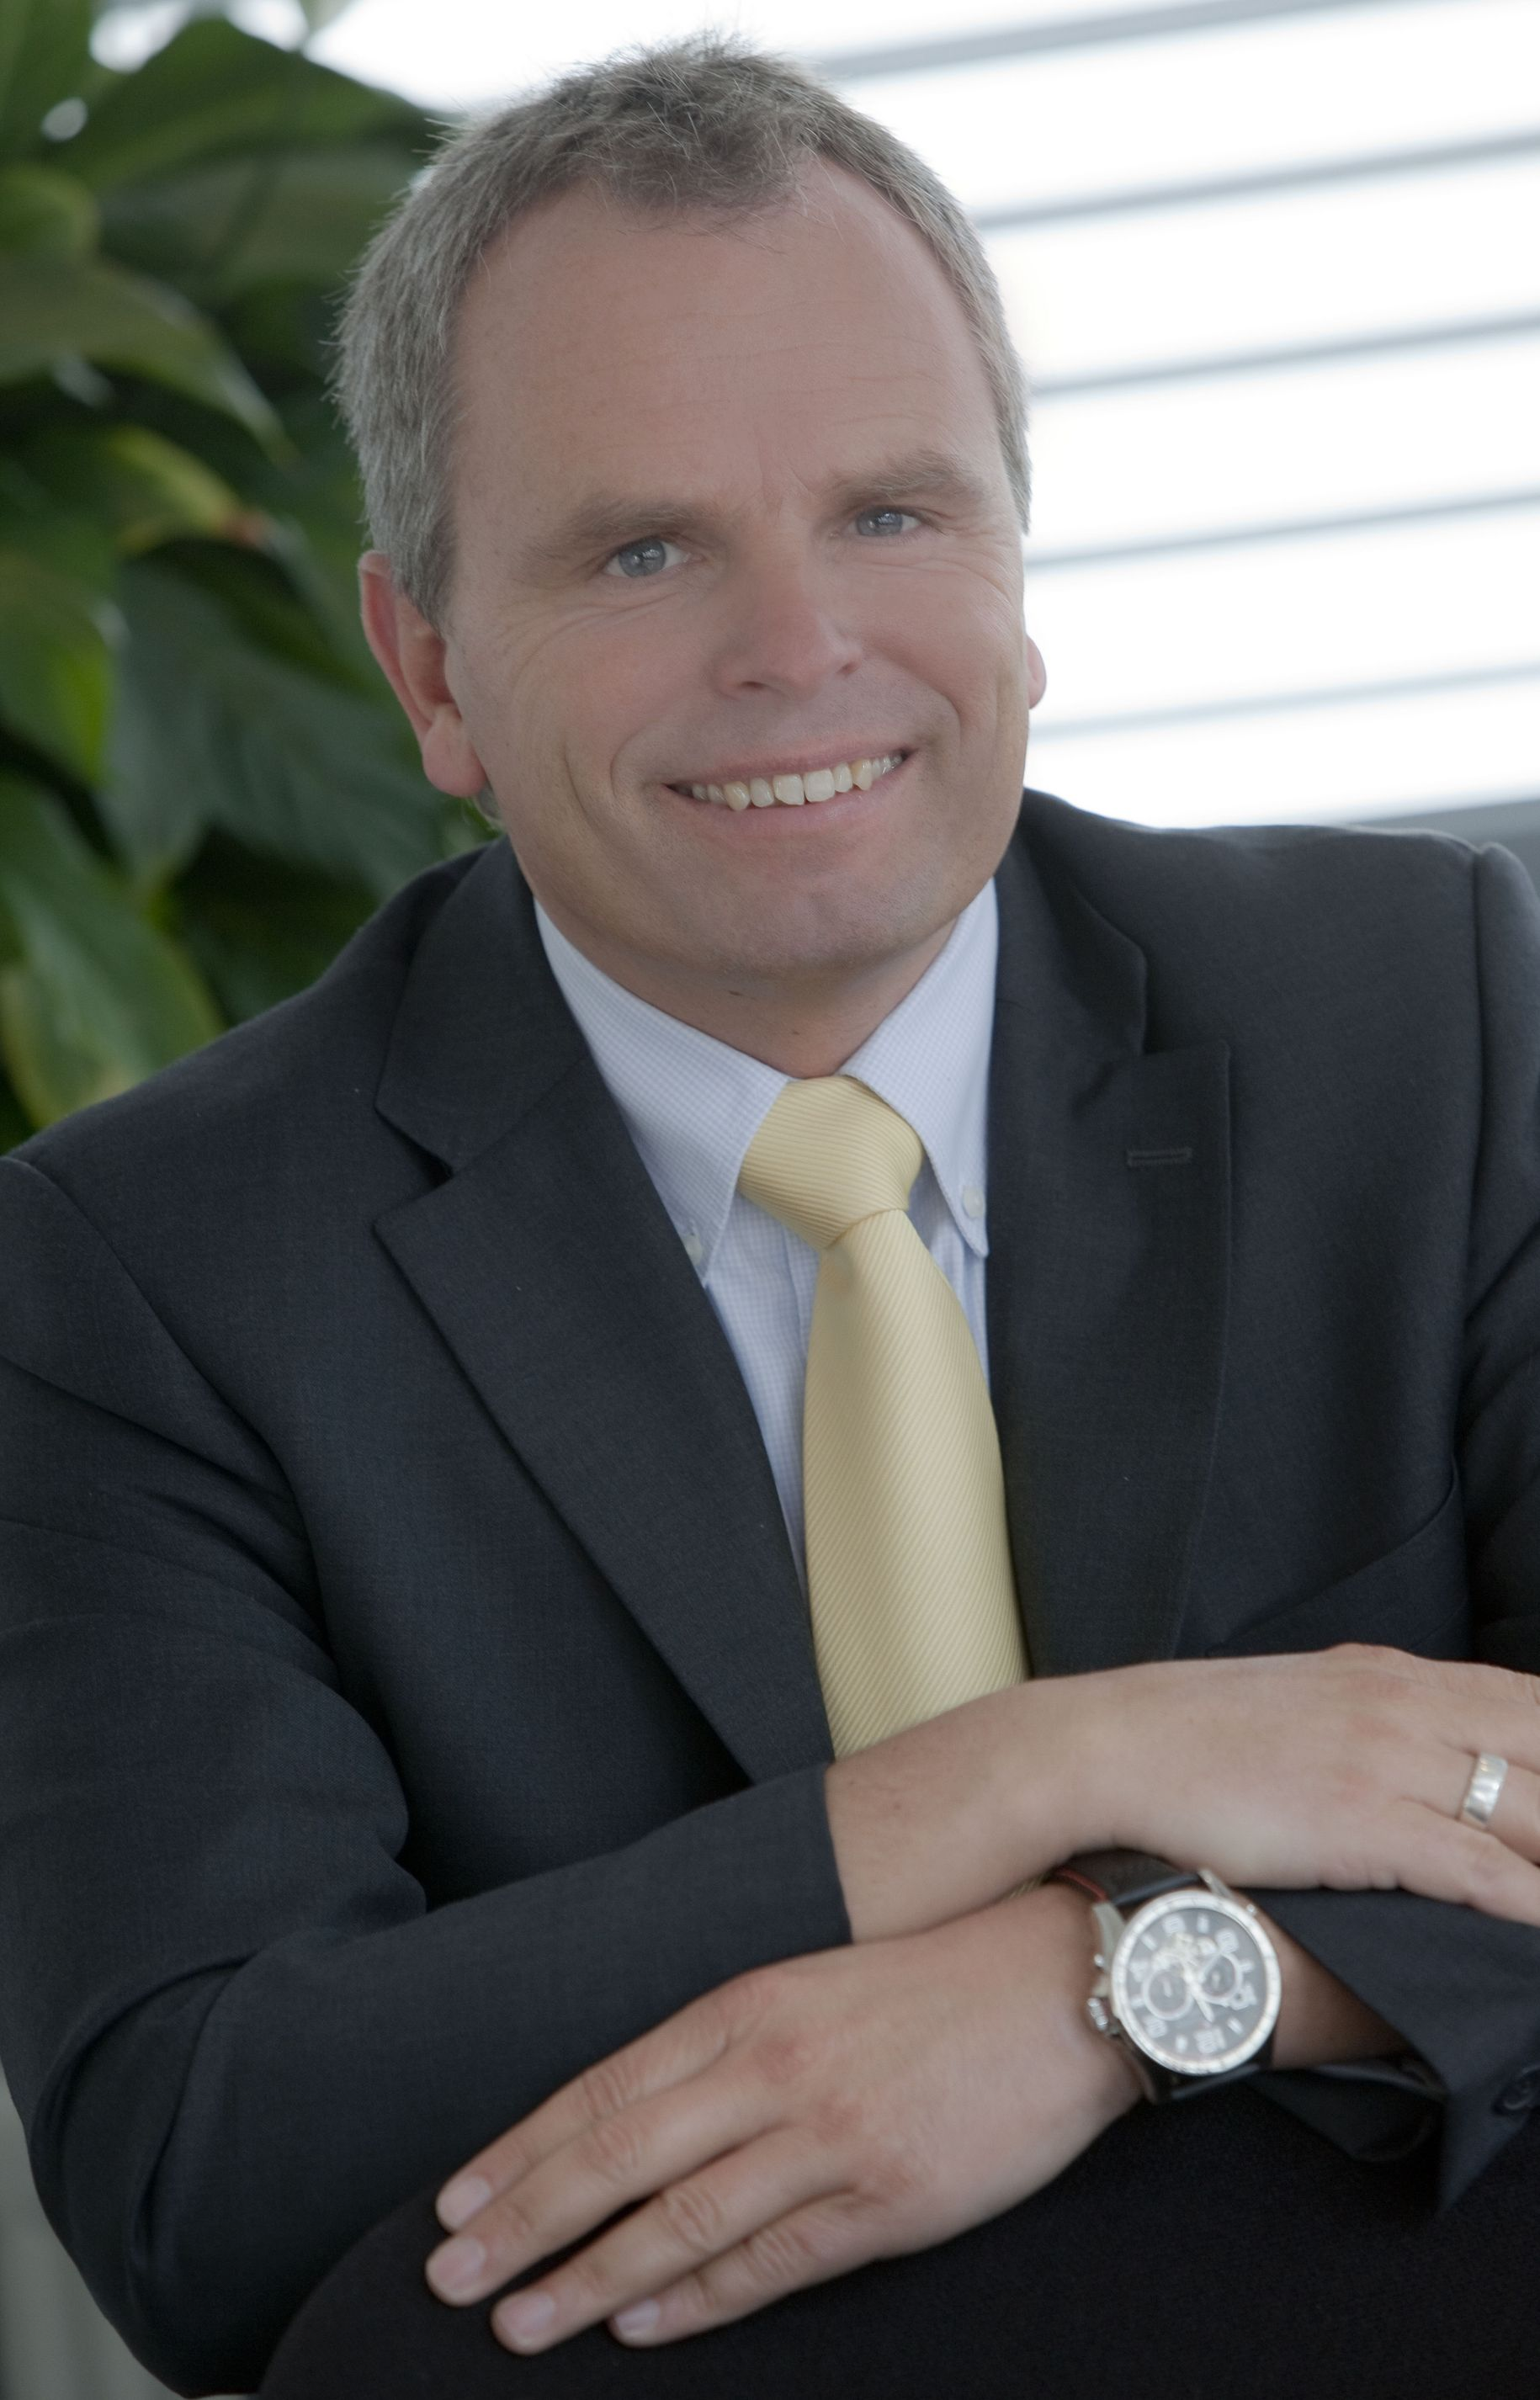 Matthias Strehl, Geschäftsführer der Ludwig Meyer GmbH & Co. KG: